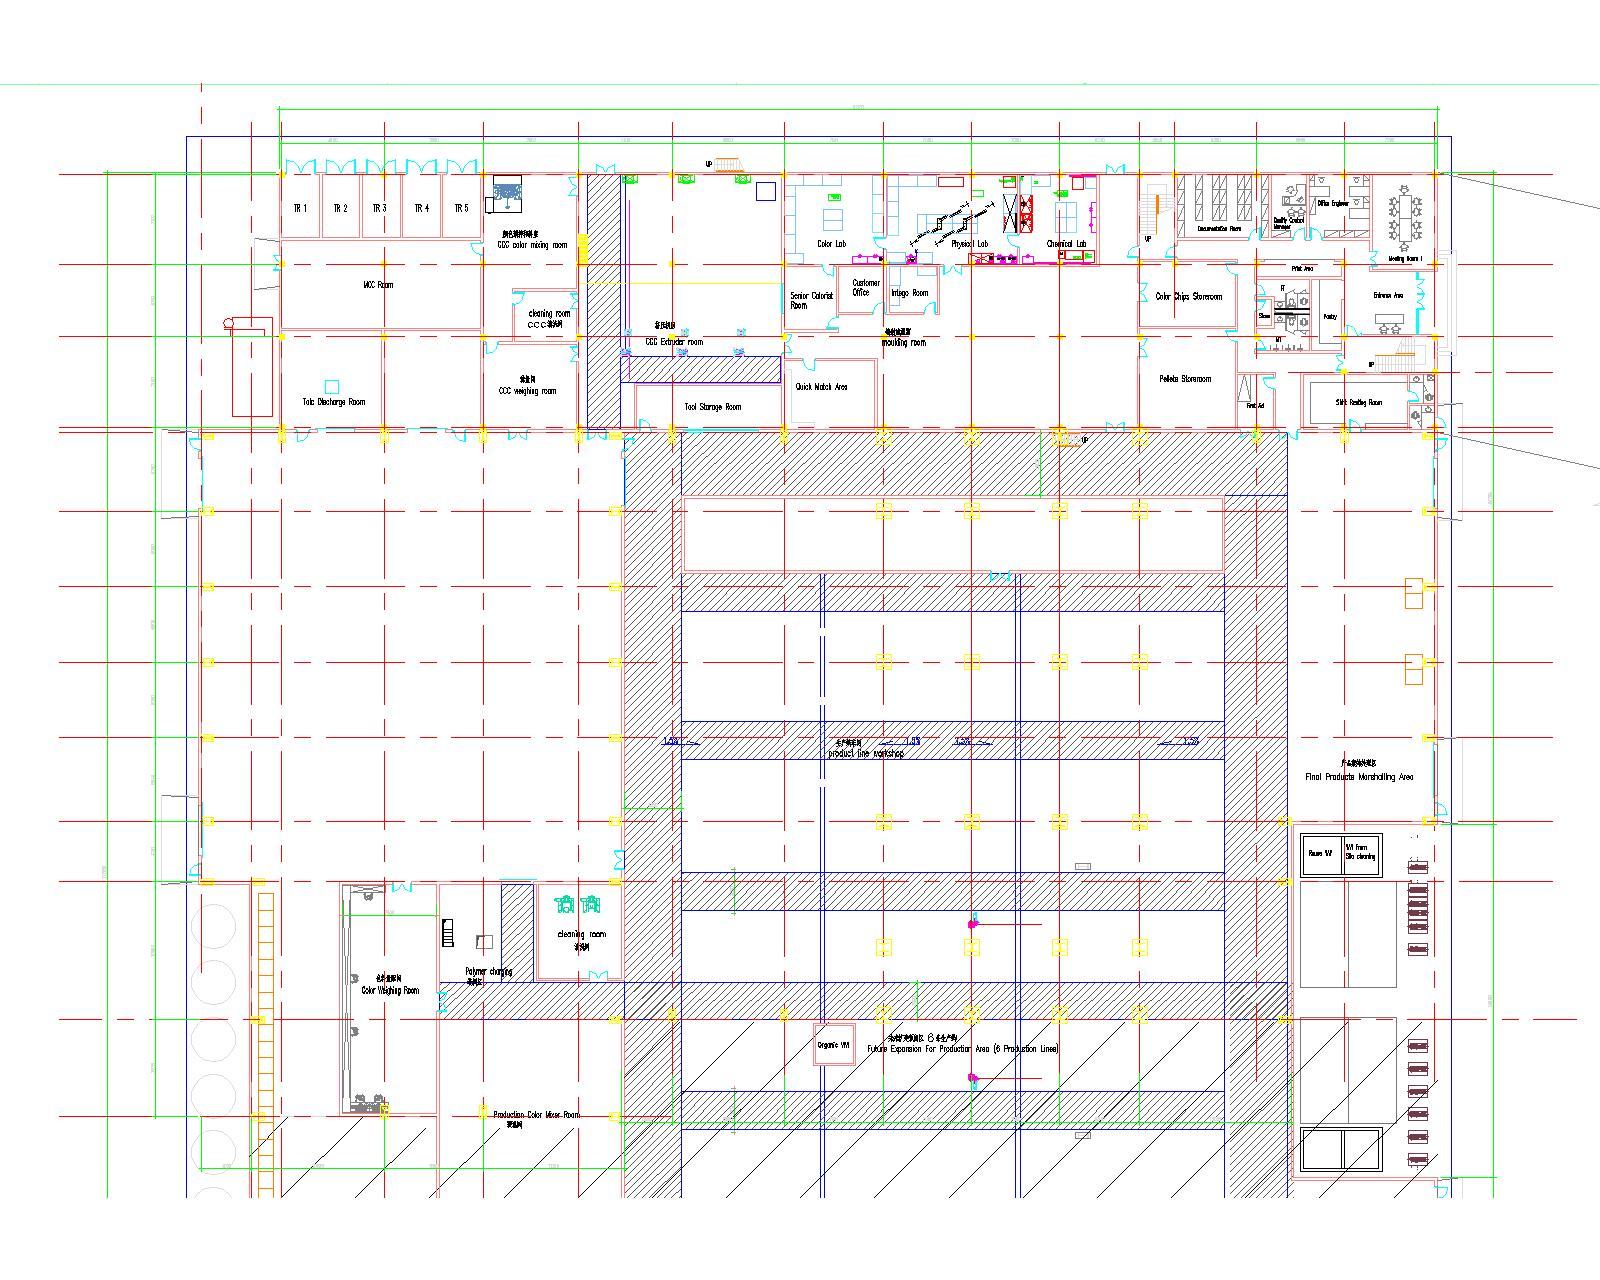 如下的平面图和手绘截面图,上半部分是混凝土的2层框架办公楼,下半部分是一个钢结构厂房,中间是一个3层的钢框架平台,有一个大罐子30t重,左右搭个门式刚架,请教一下这种钢结构形式可行么? 本人本打算把这个钢框架平台与主厂房脱开,但是业主强烈反对,觉得这样要起个小炮楼,多立个柱子,坚持要把平台和厂房连到一块。